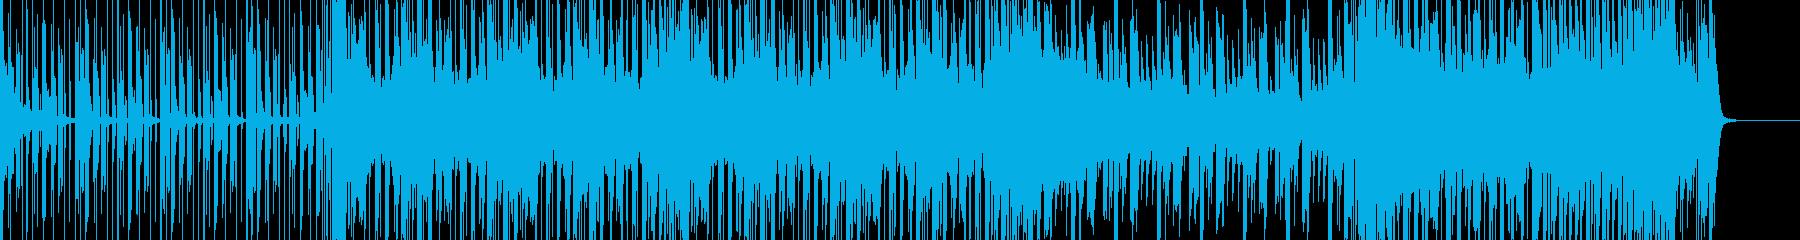 ピコピコした感じのエレクトロの再生済みの波形